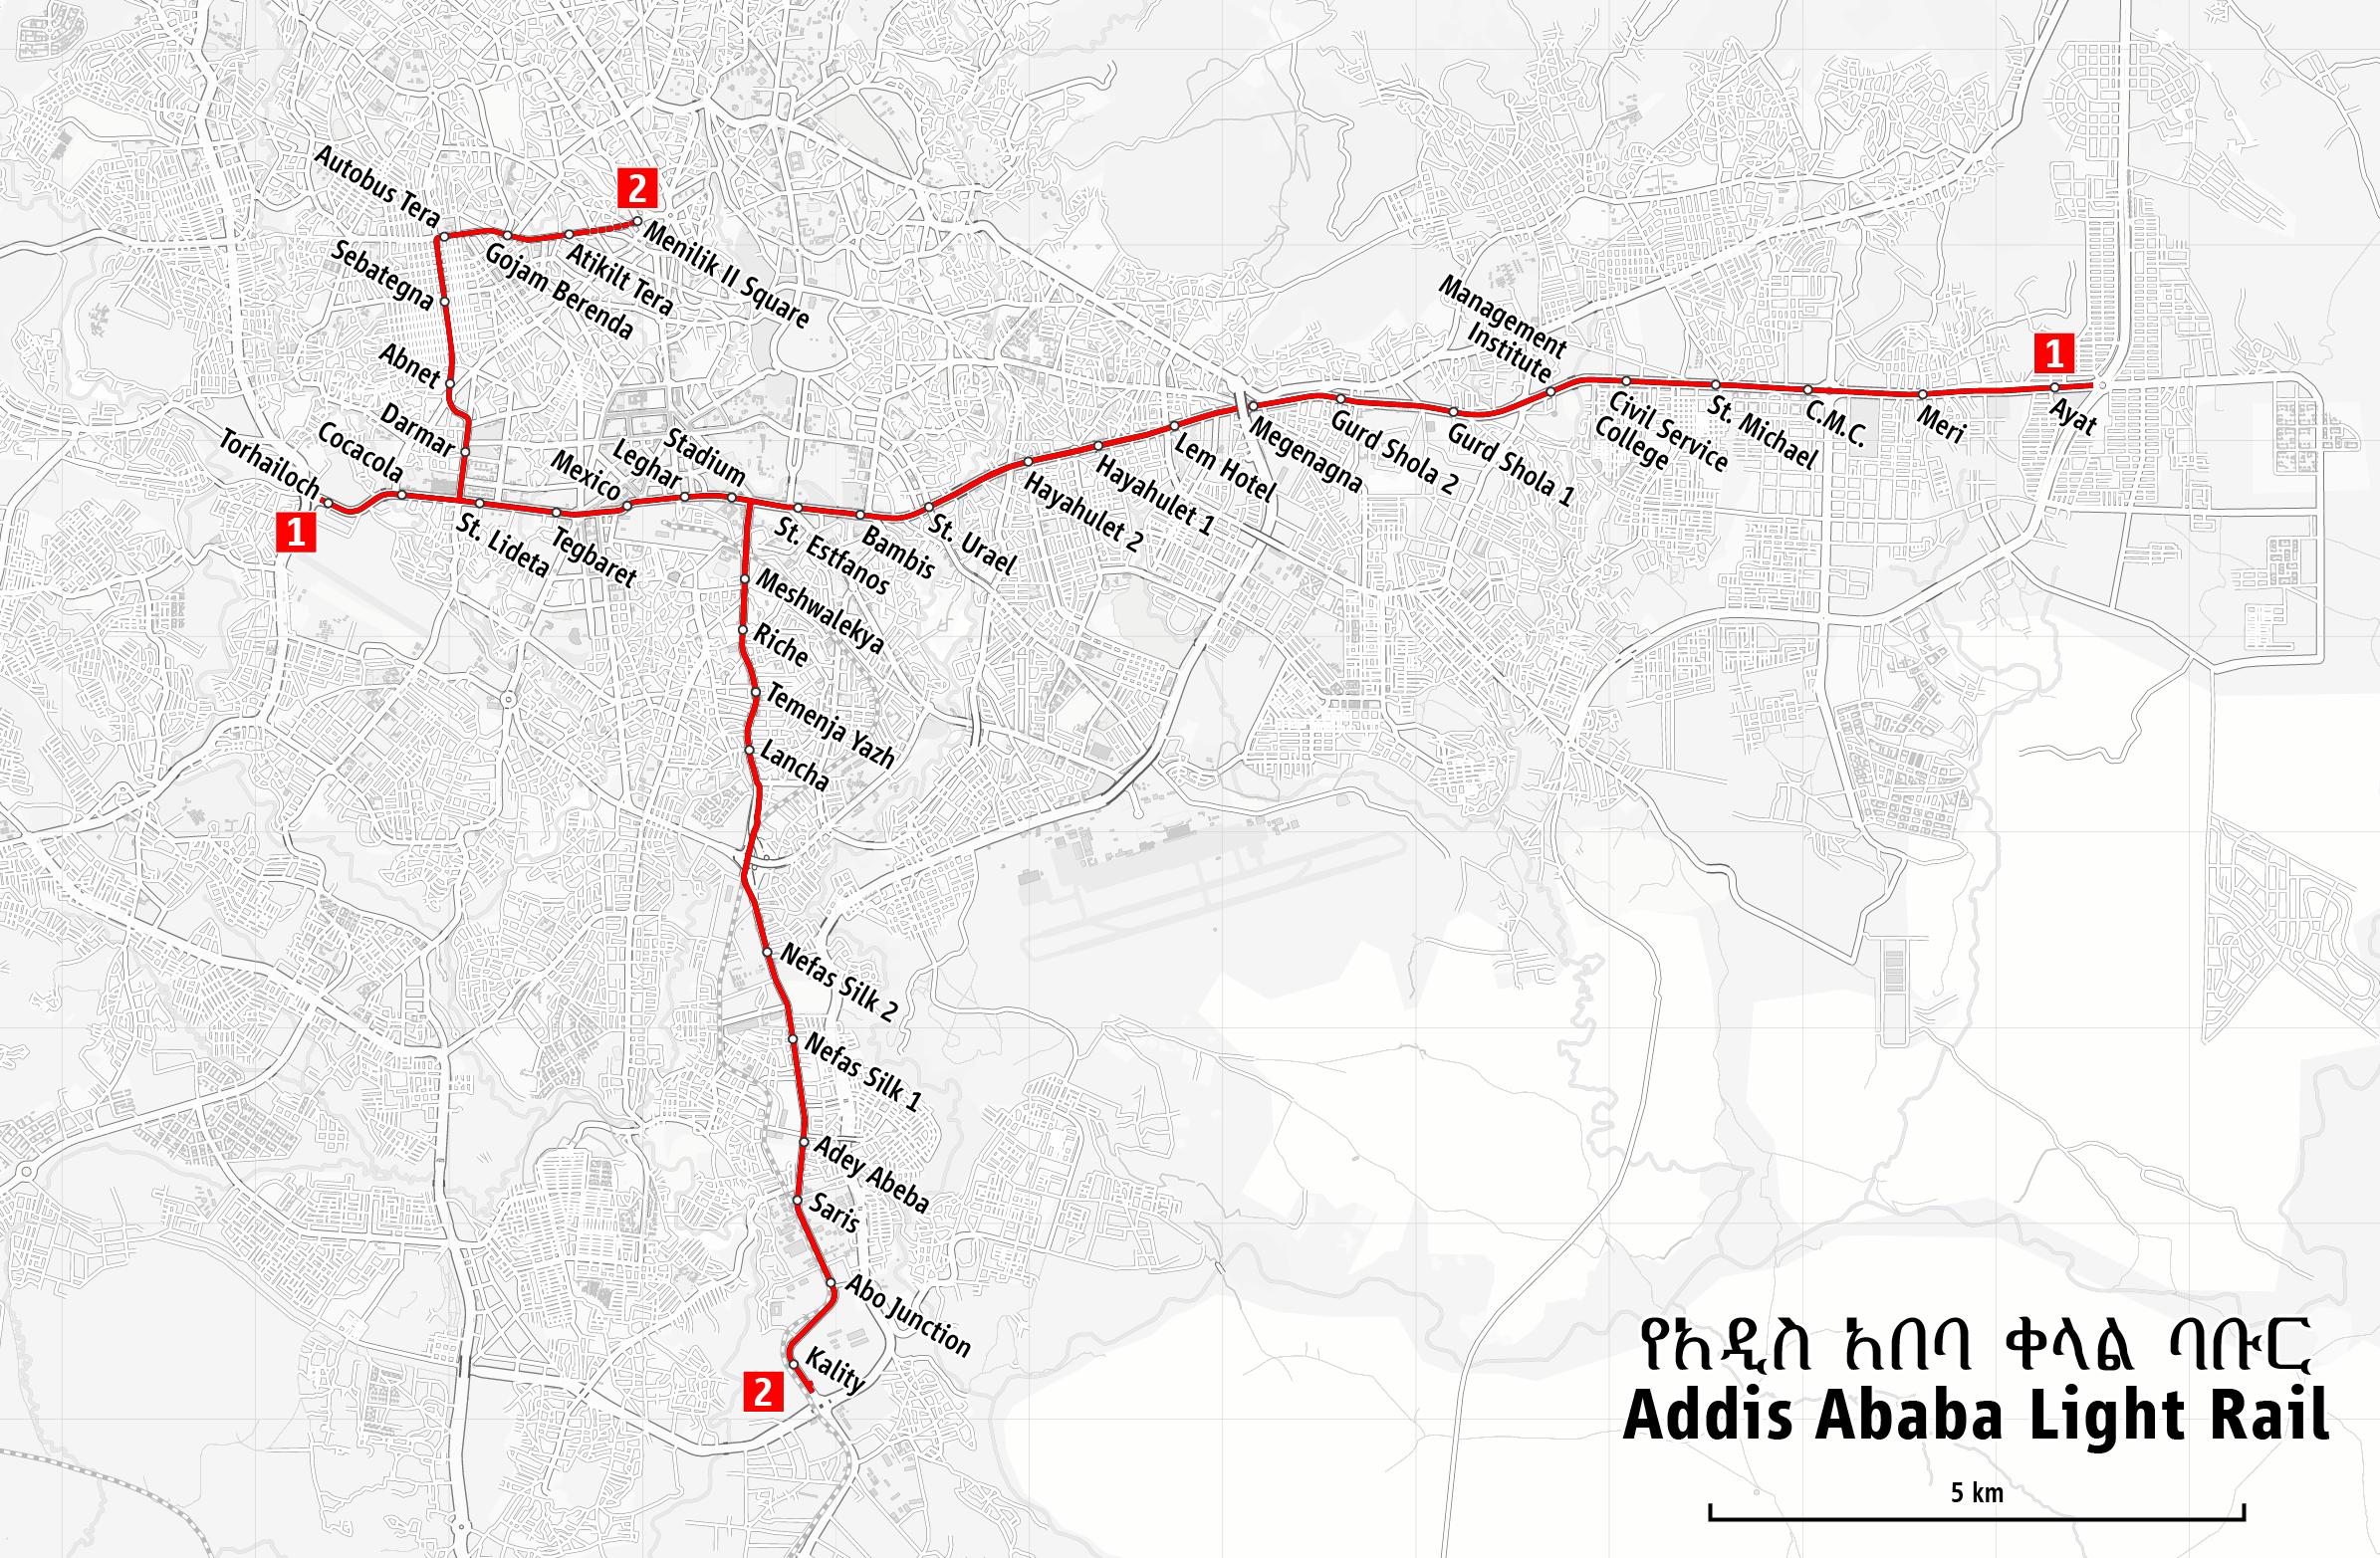 Schemat sieci tramwaju w Addis Abebie. Autor: Maximilian Dörrbecker (Chumwa), źródło: Wikimedia